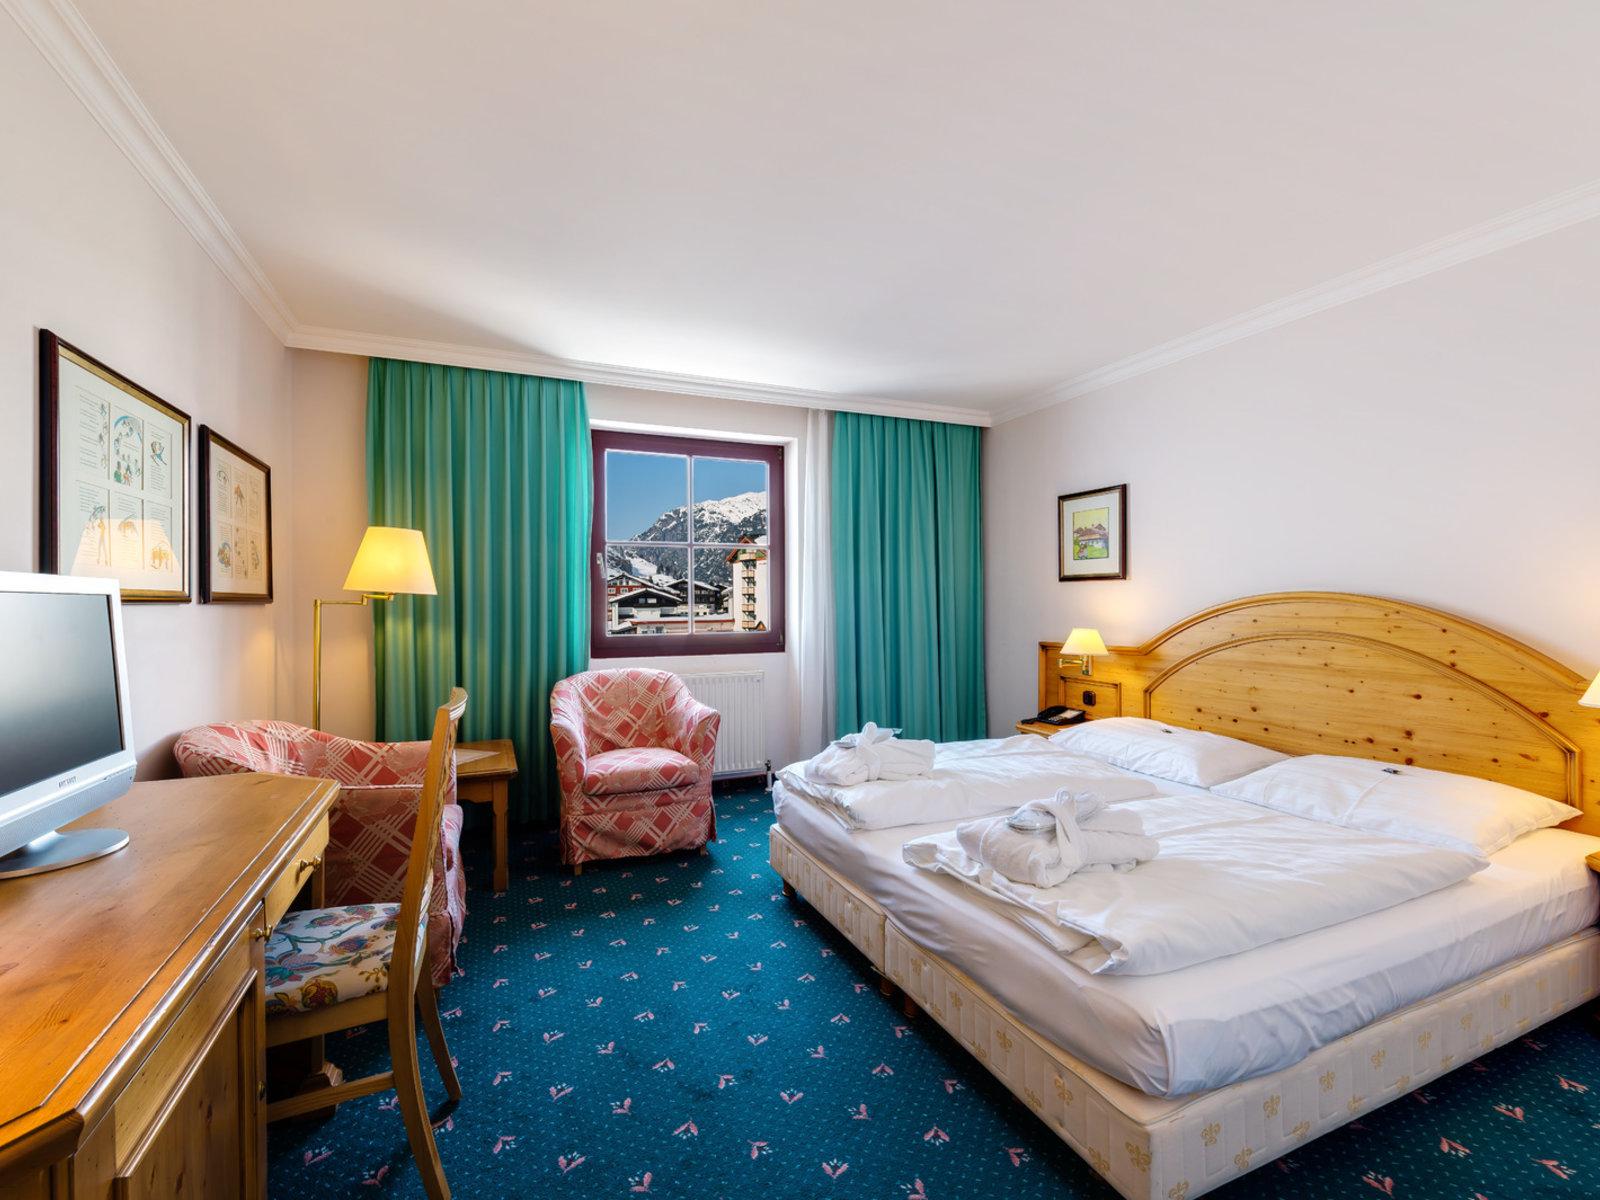 Doppelzimmer<br>Standard